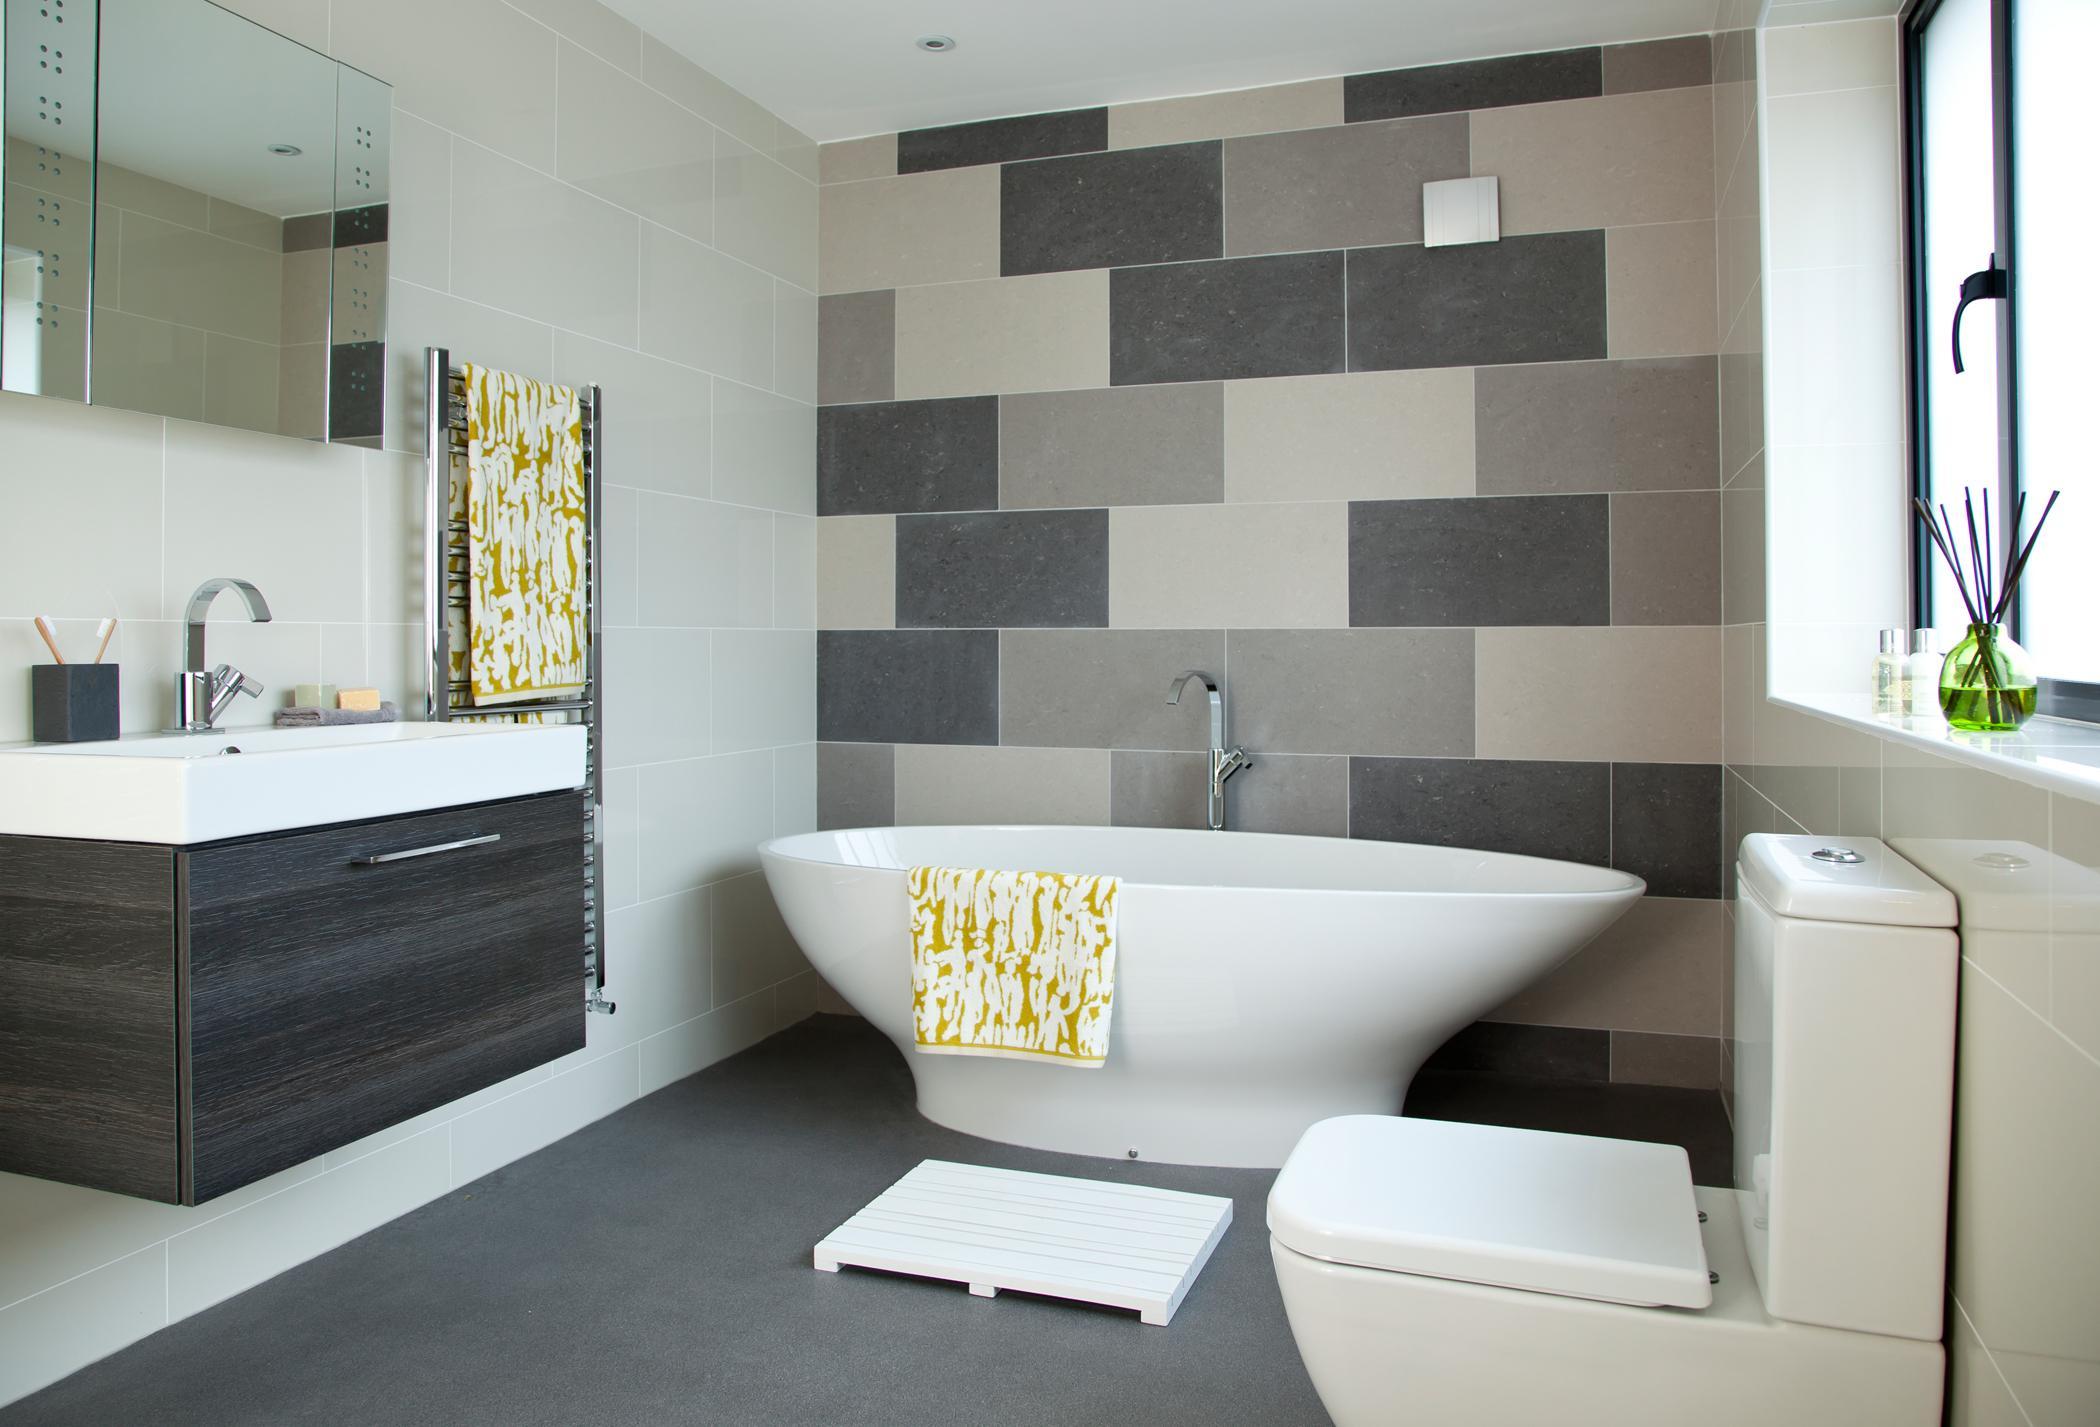 Waschtisch Aus Holz Bilder Ideen Couchstyle